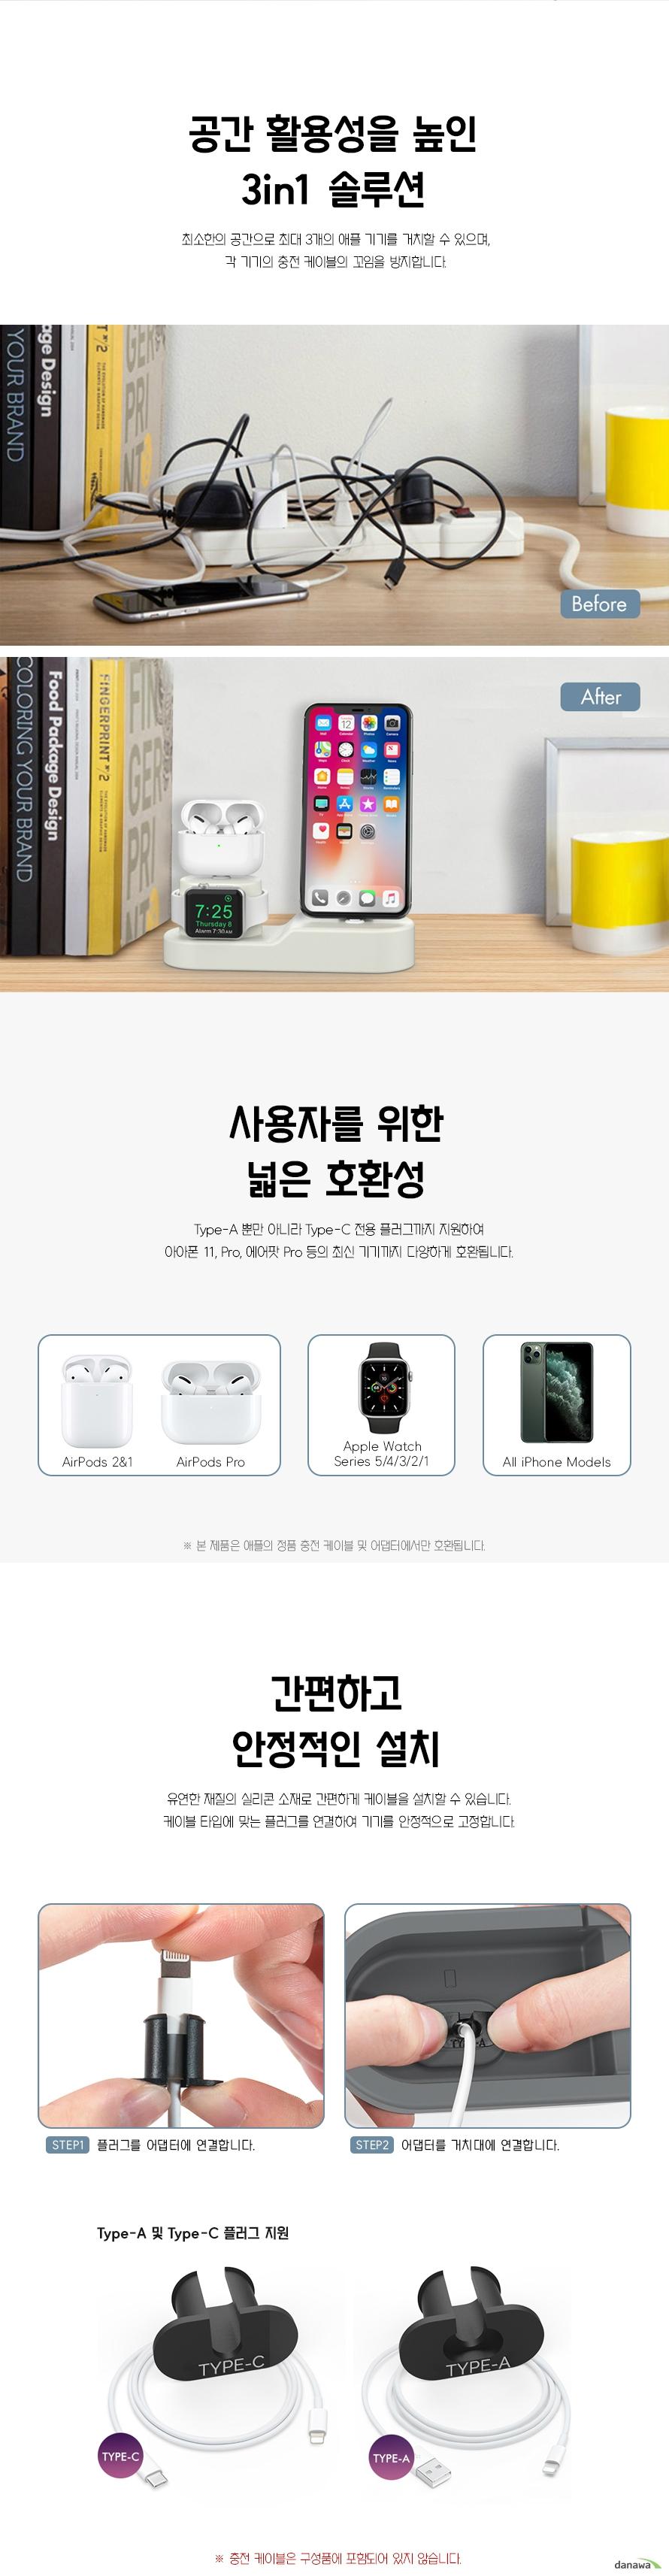 아이노비아 AHASTYLE 아이폰/에어팟 프로/애플워치 3in1 충전 거치대